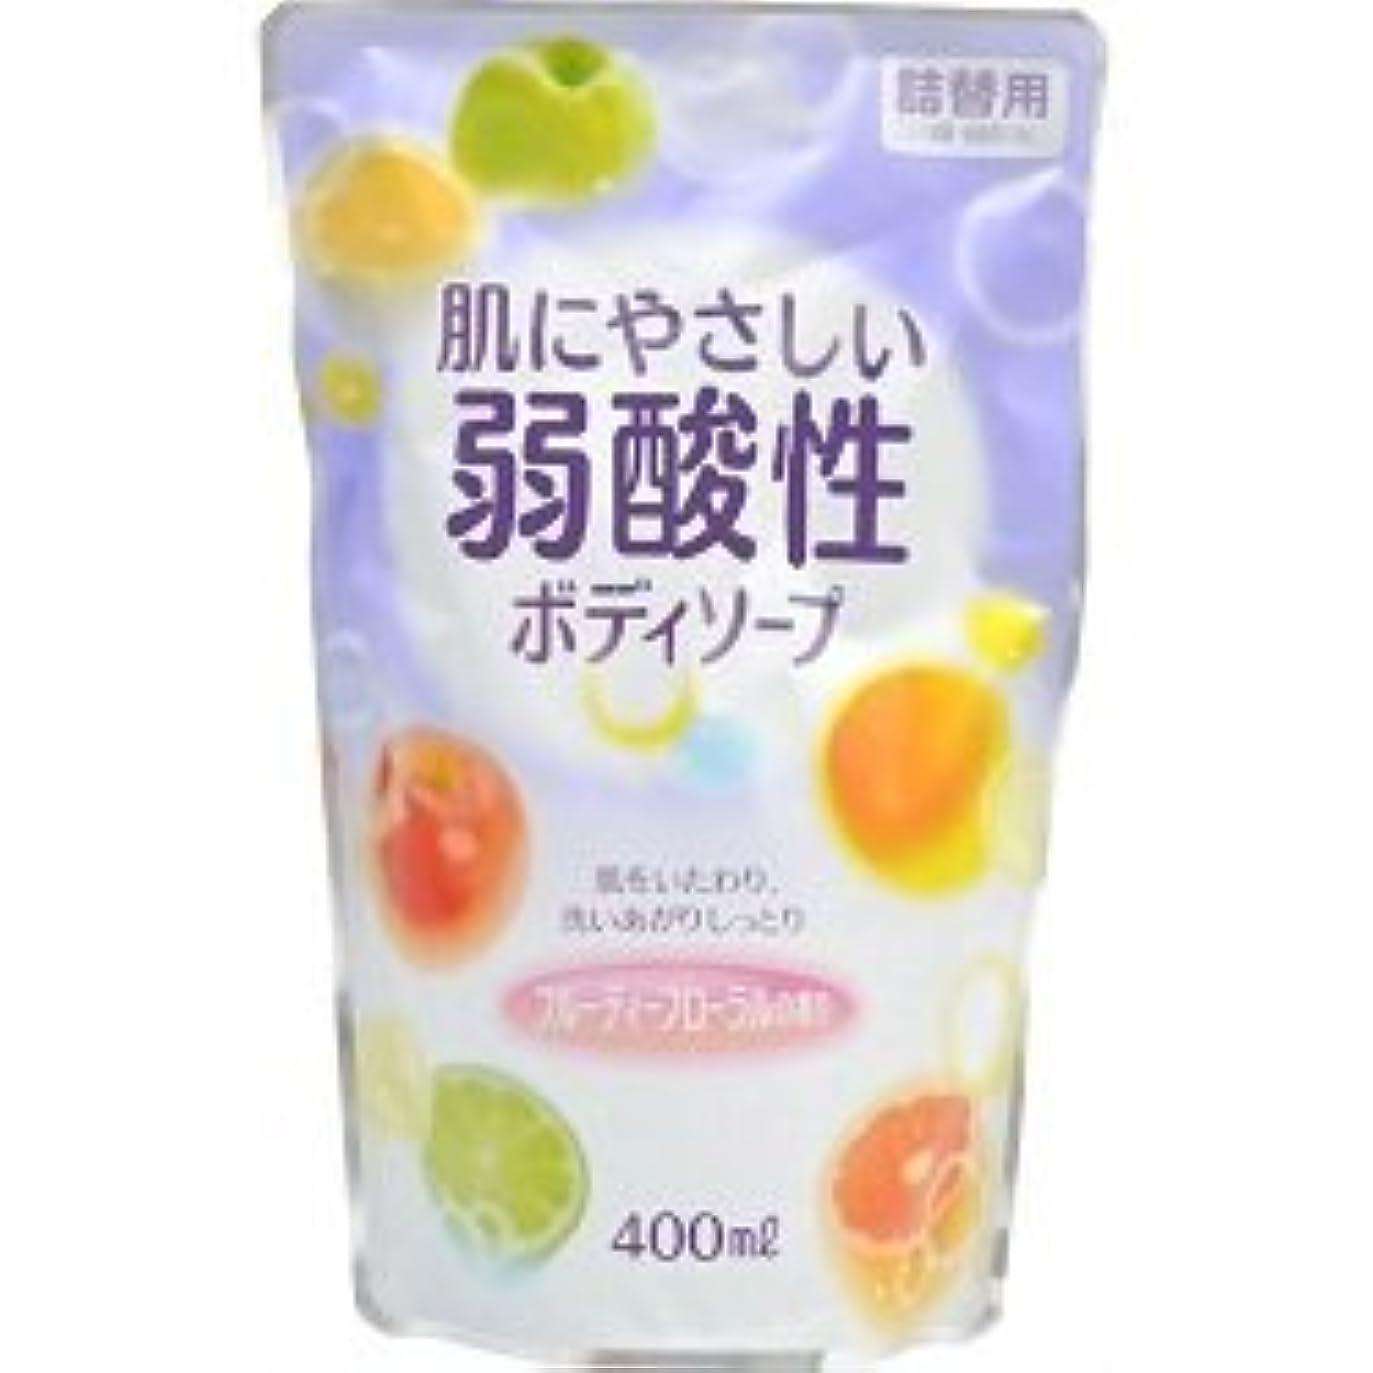 気付くを必要としていますルール【エオリア】弱酸性ボディソープ フルーティフローラルの香り 詰替用 400ml ×3個セット